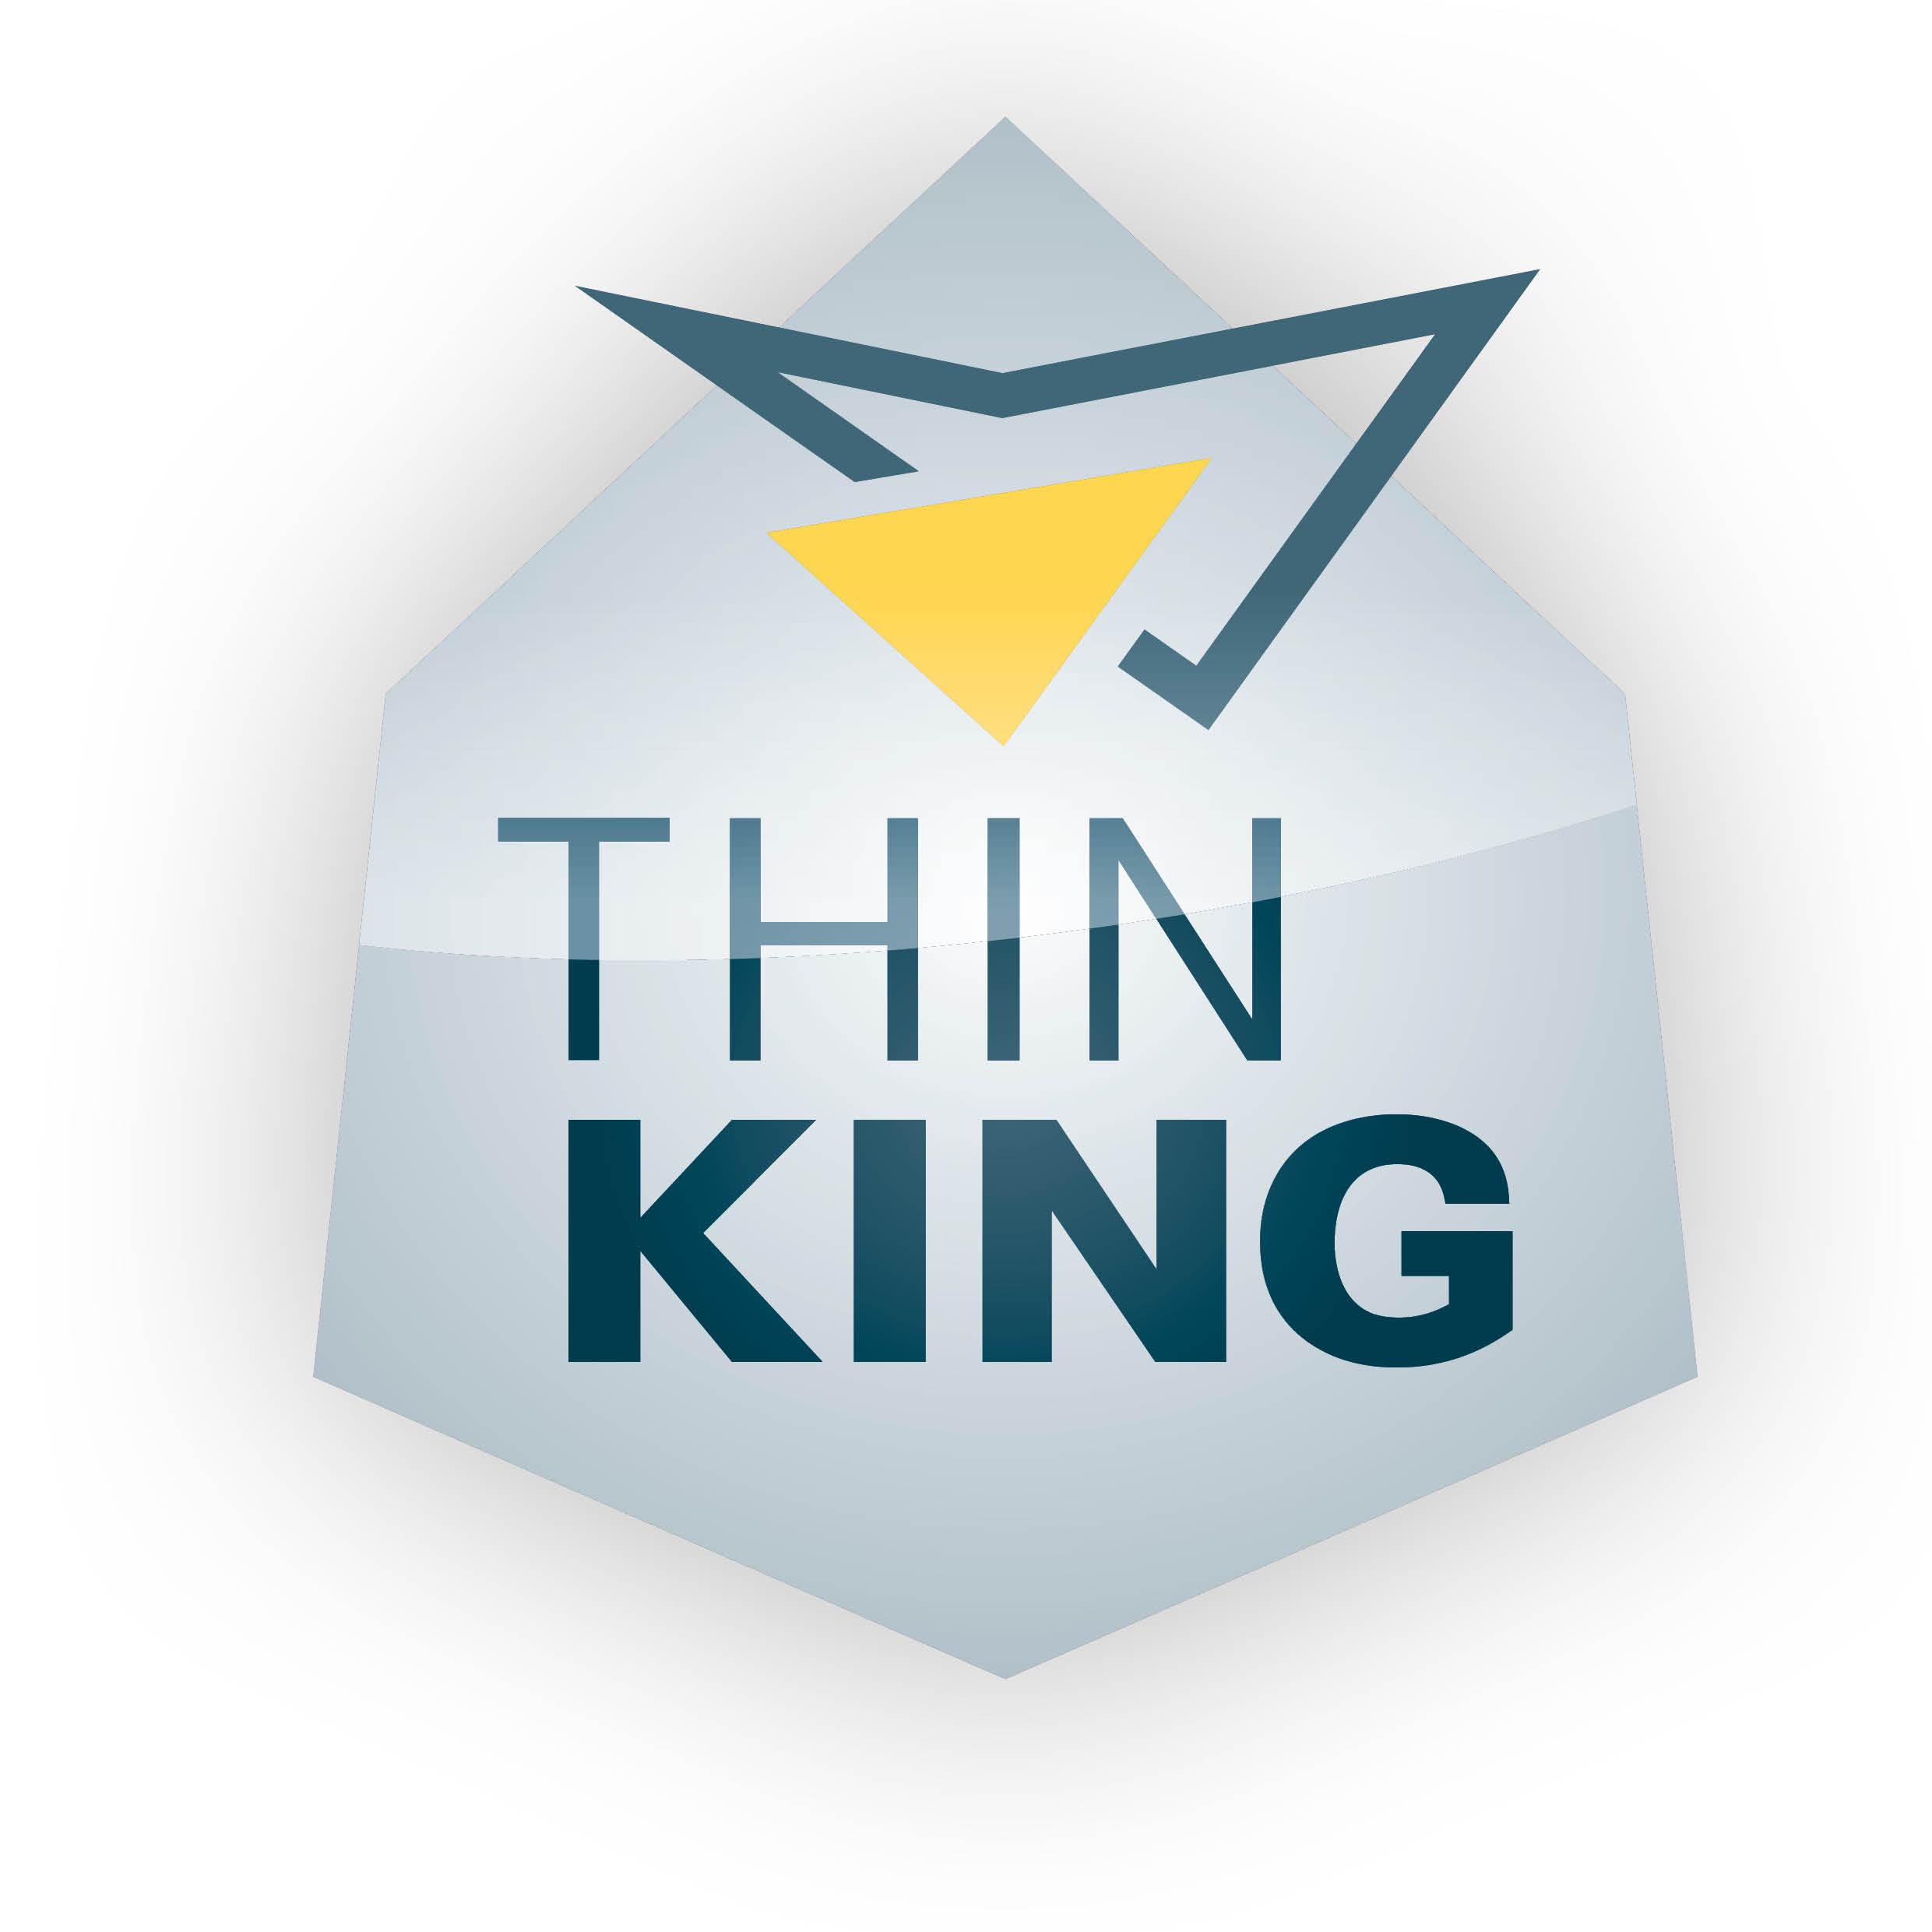 ThinkKing-Preisverleihung